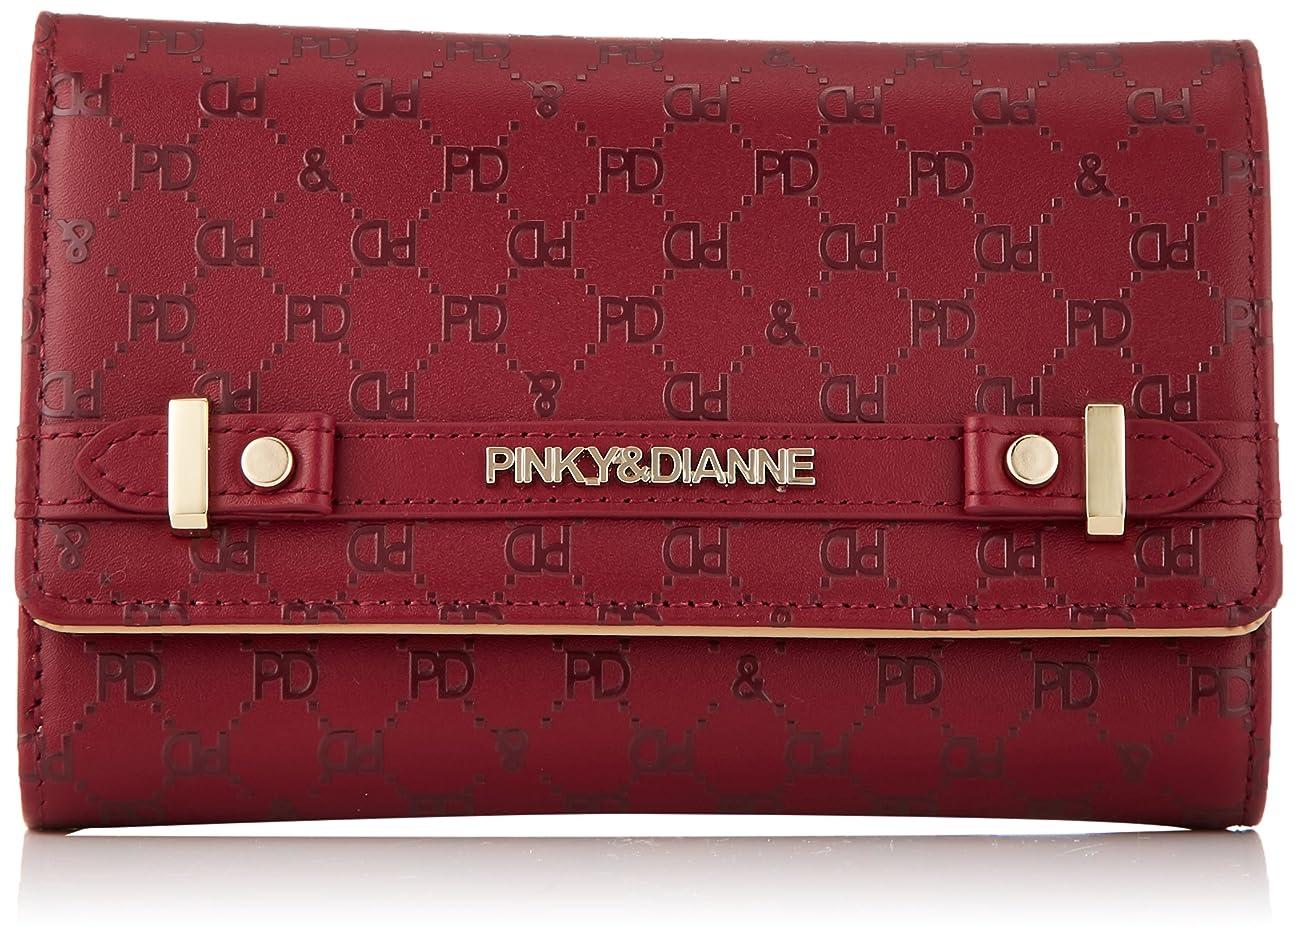 経済的ベストピニオン[ピンキーアンドダイアン] 折財布 【ベリィ】ロゴプリント 大容量 人気定番型